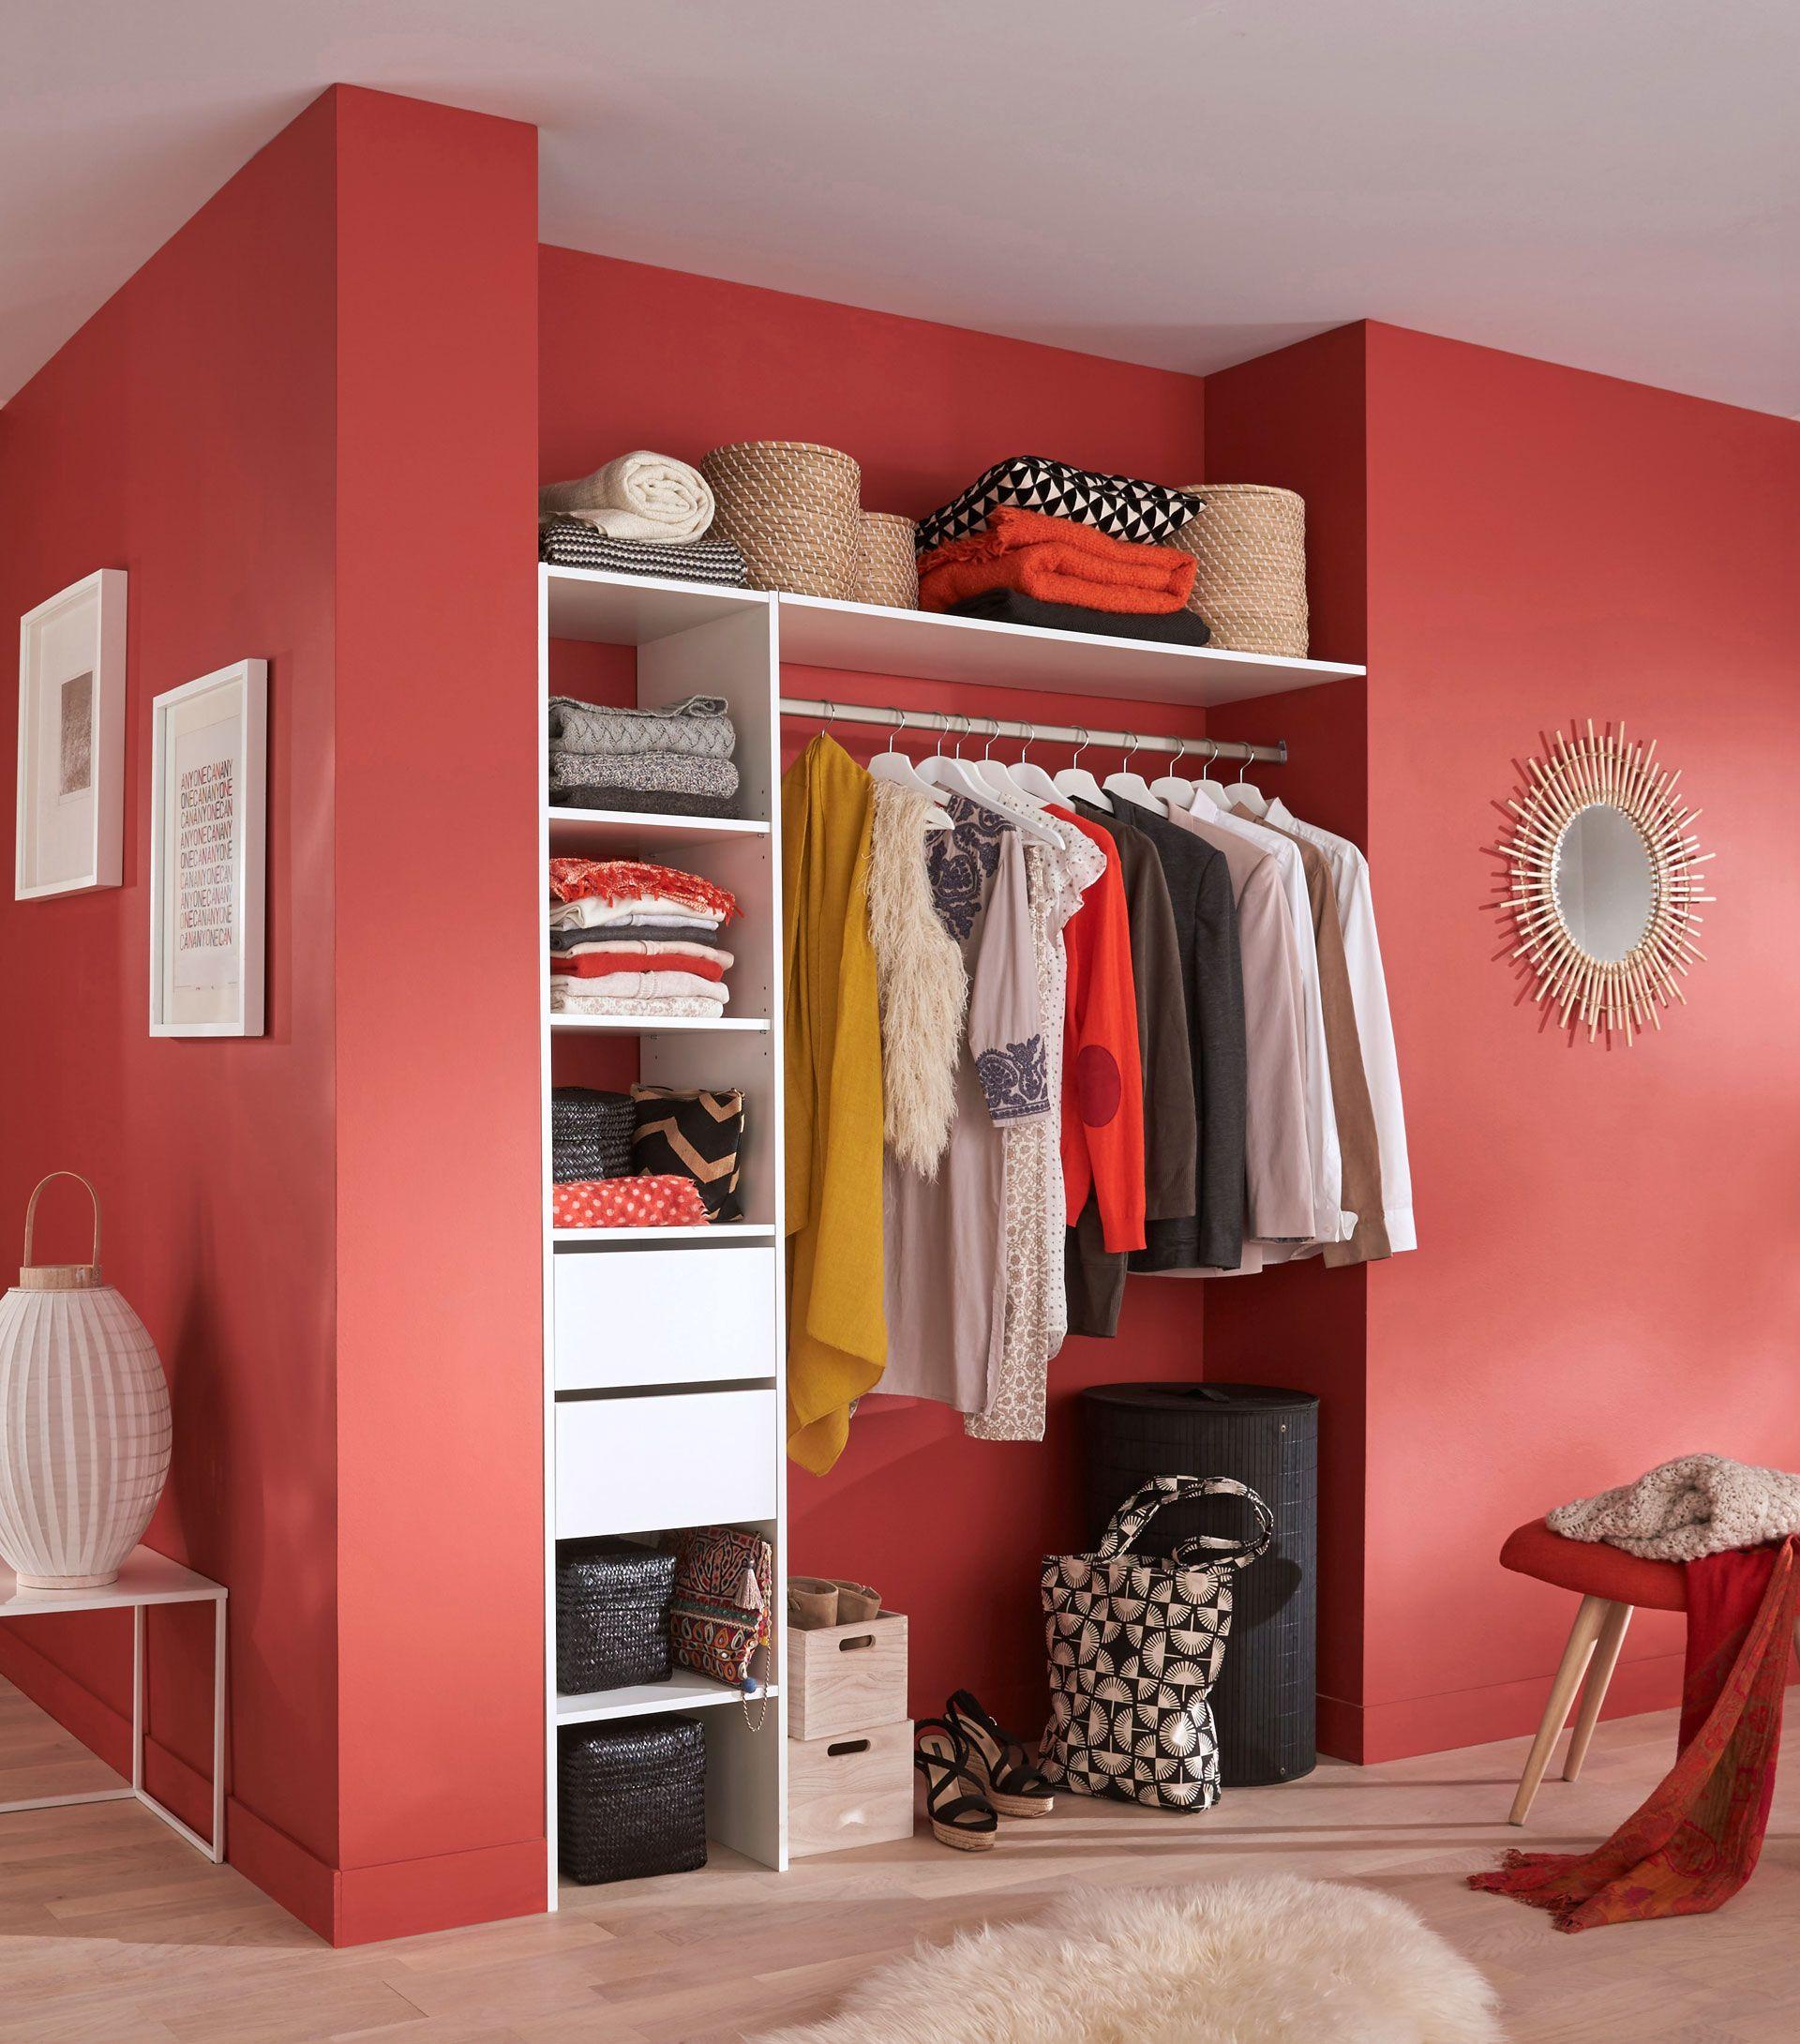 quels rangements pr voir dans une chambre couleurs. Black Bedroom Furniture Sets. Home Design Ideas